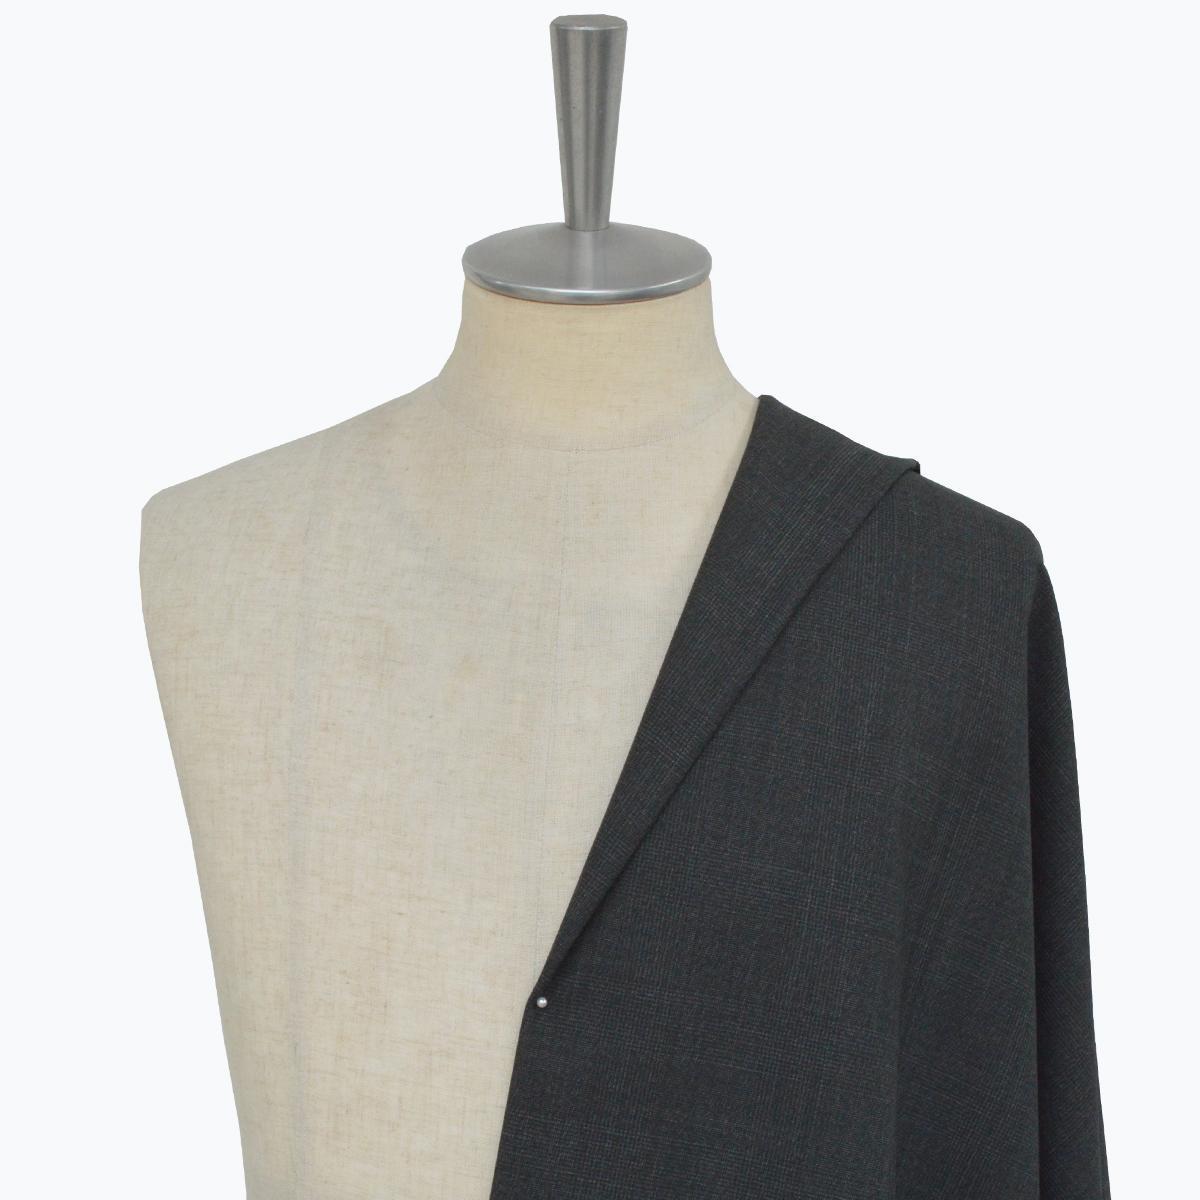 [オーダースーツ]無地スーツに飽きた人は必見、次はグレンチェック柄!